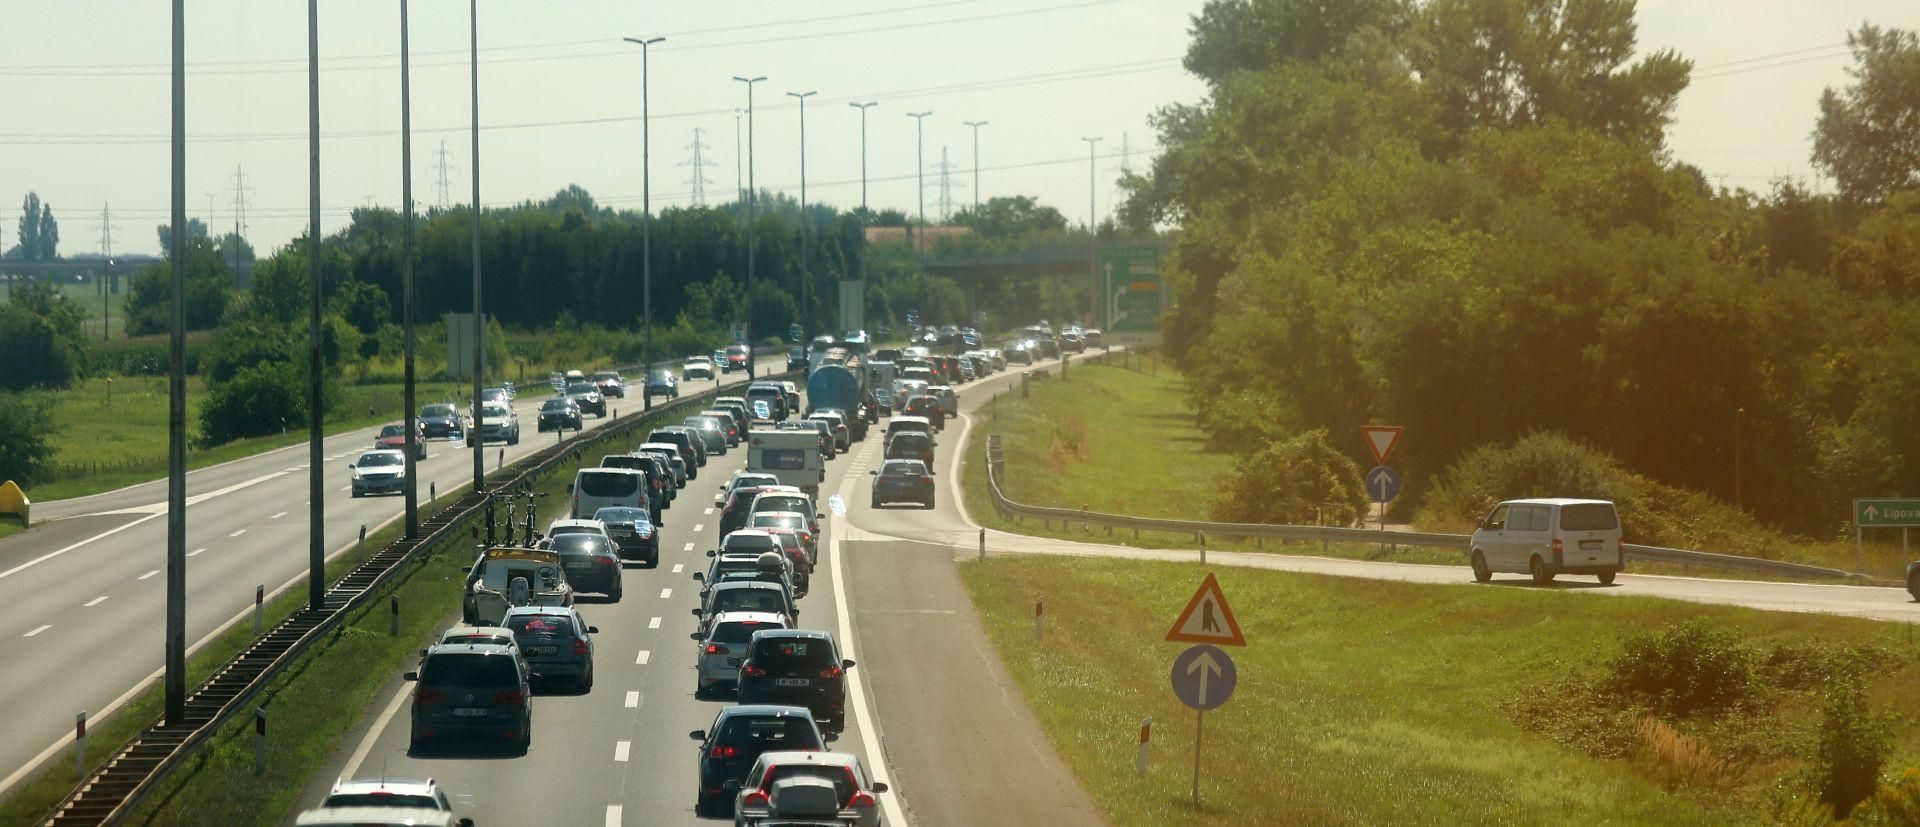 HAK Promet bez većih ograničenja, moguća poledica zbog niskih temperatura